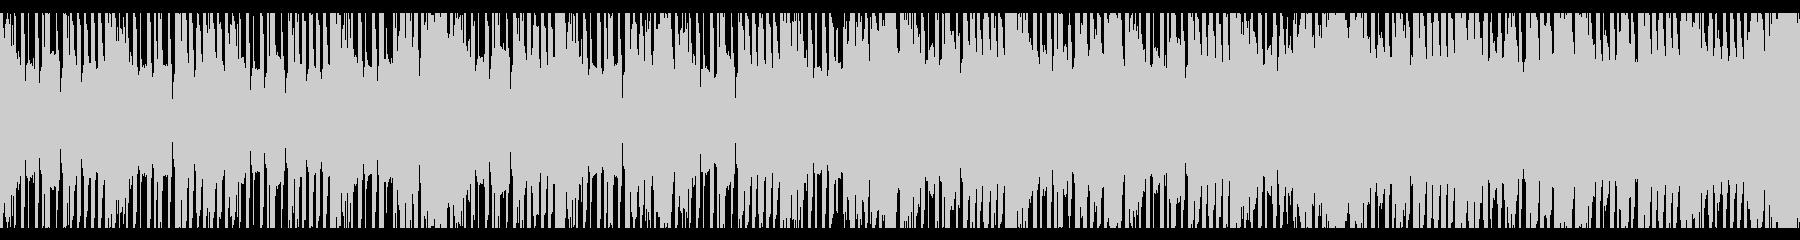 スポーツトラップの背景(ループ)の未再生の波形